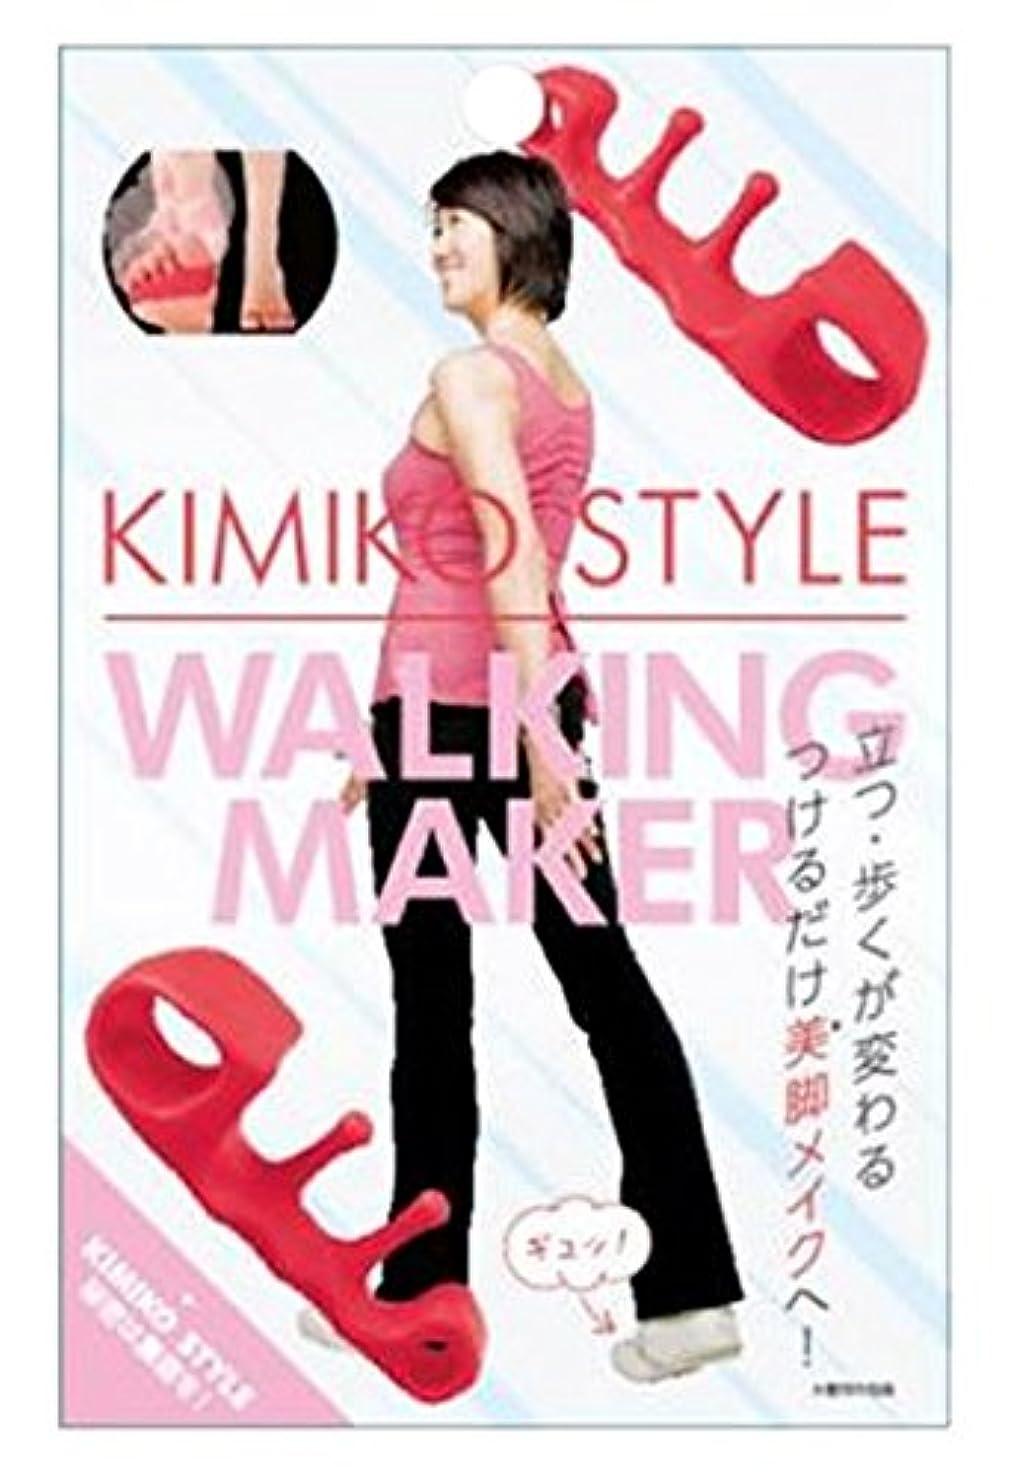 中古ファブリックペデスタルKIMIKO STYLE WALKING MAKER キミコスタイルウォーキングメーカー